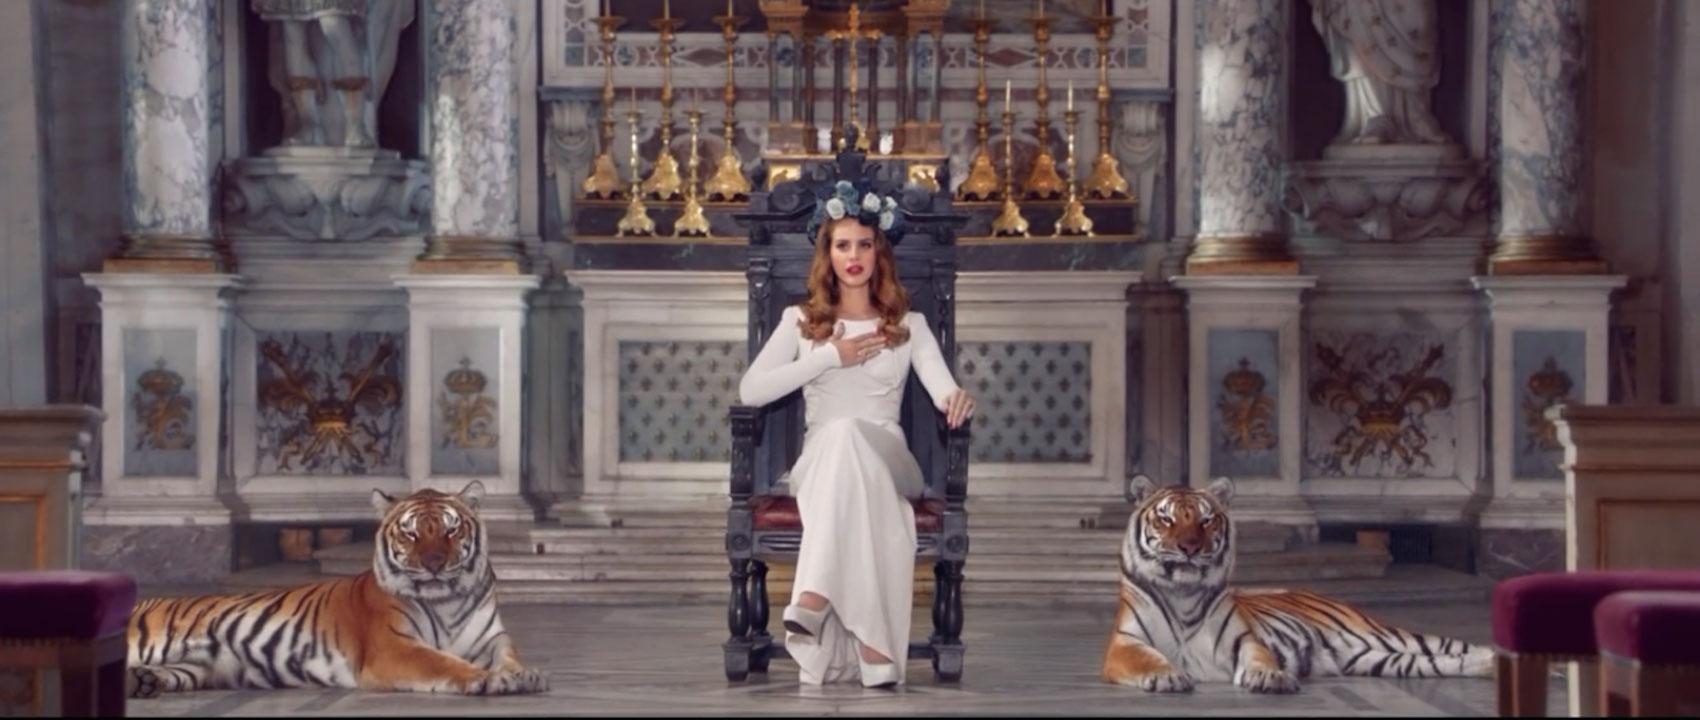 Bạn có muốn trở thành nữ hoàng trong cuộc đời của bạn không?